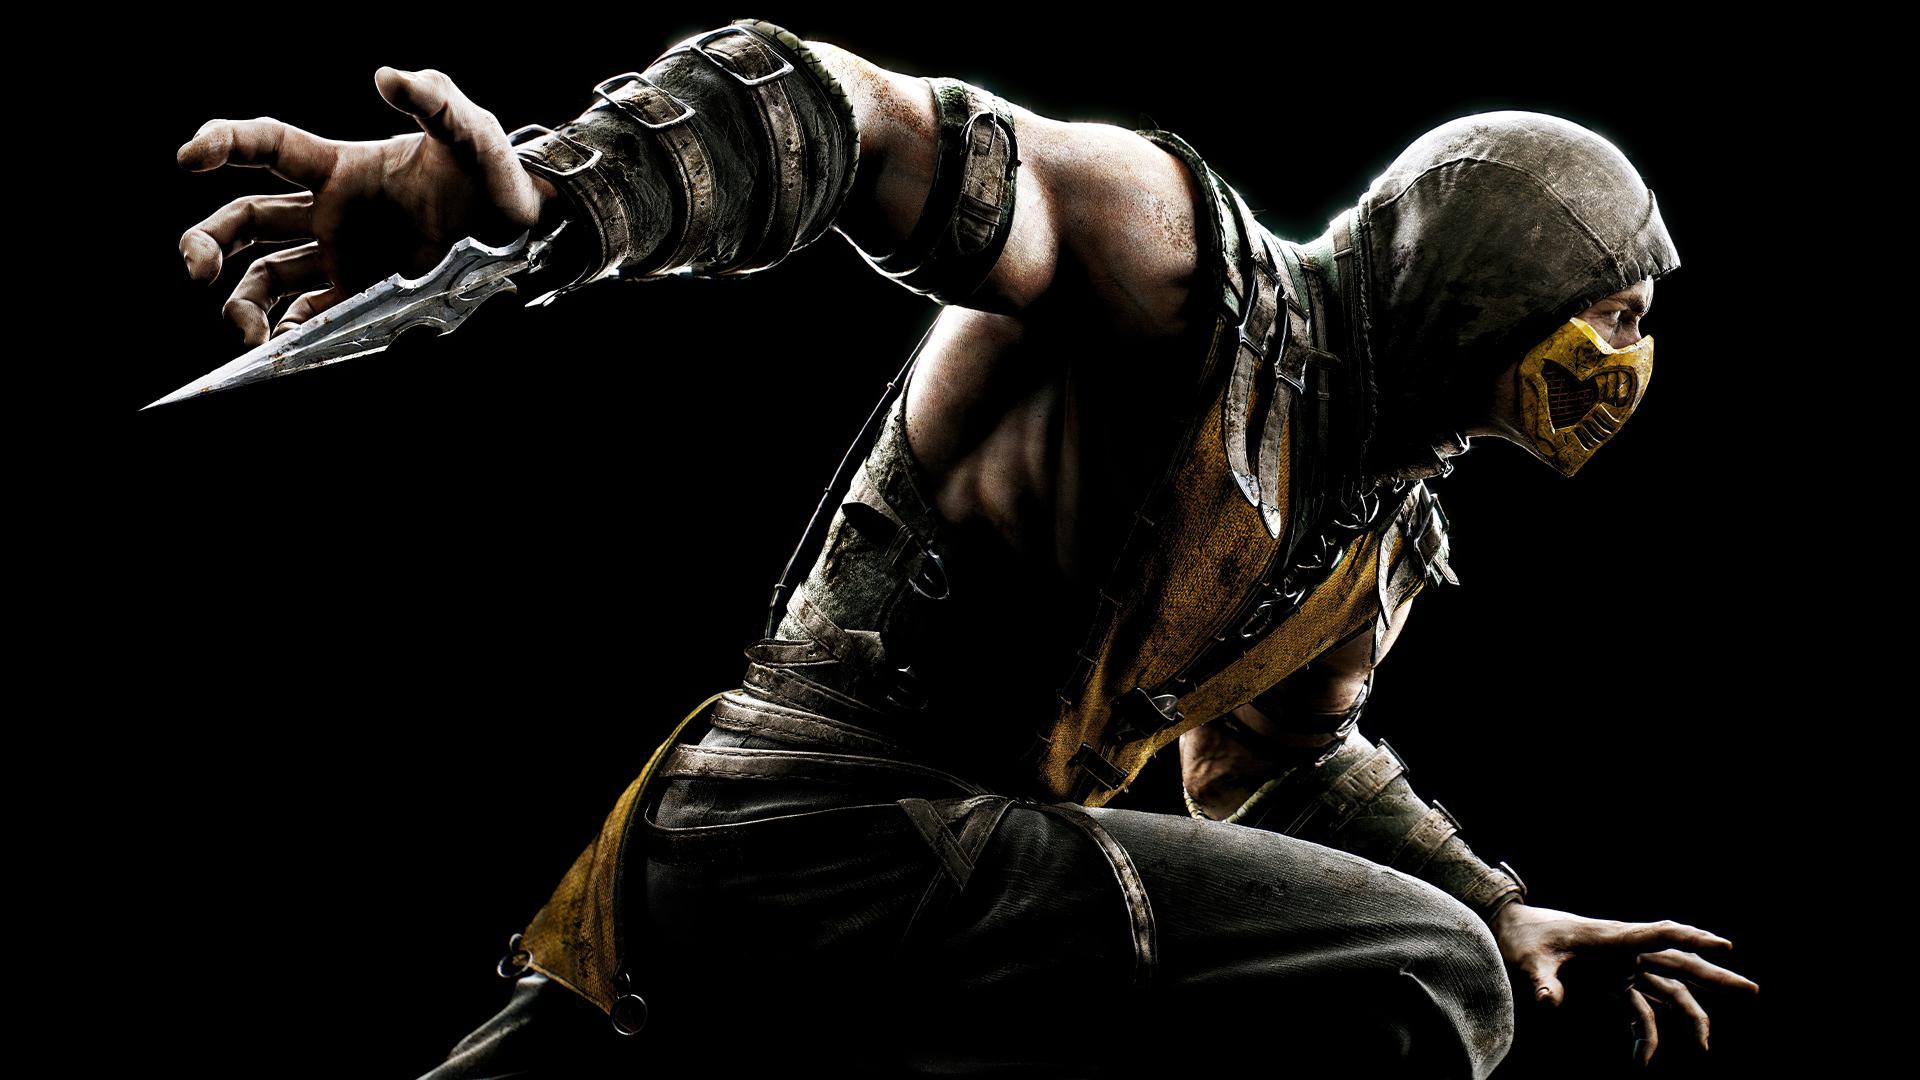 1400x1050 4K Scorpion Mortal Kombat 11 1400x1050 ...